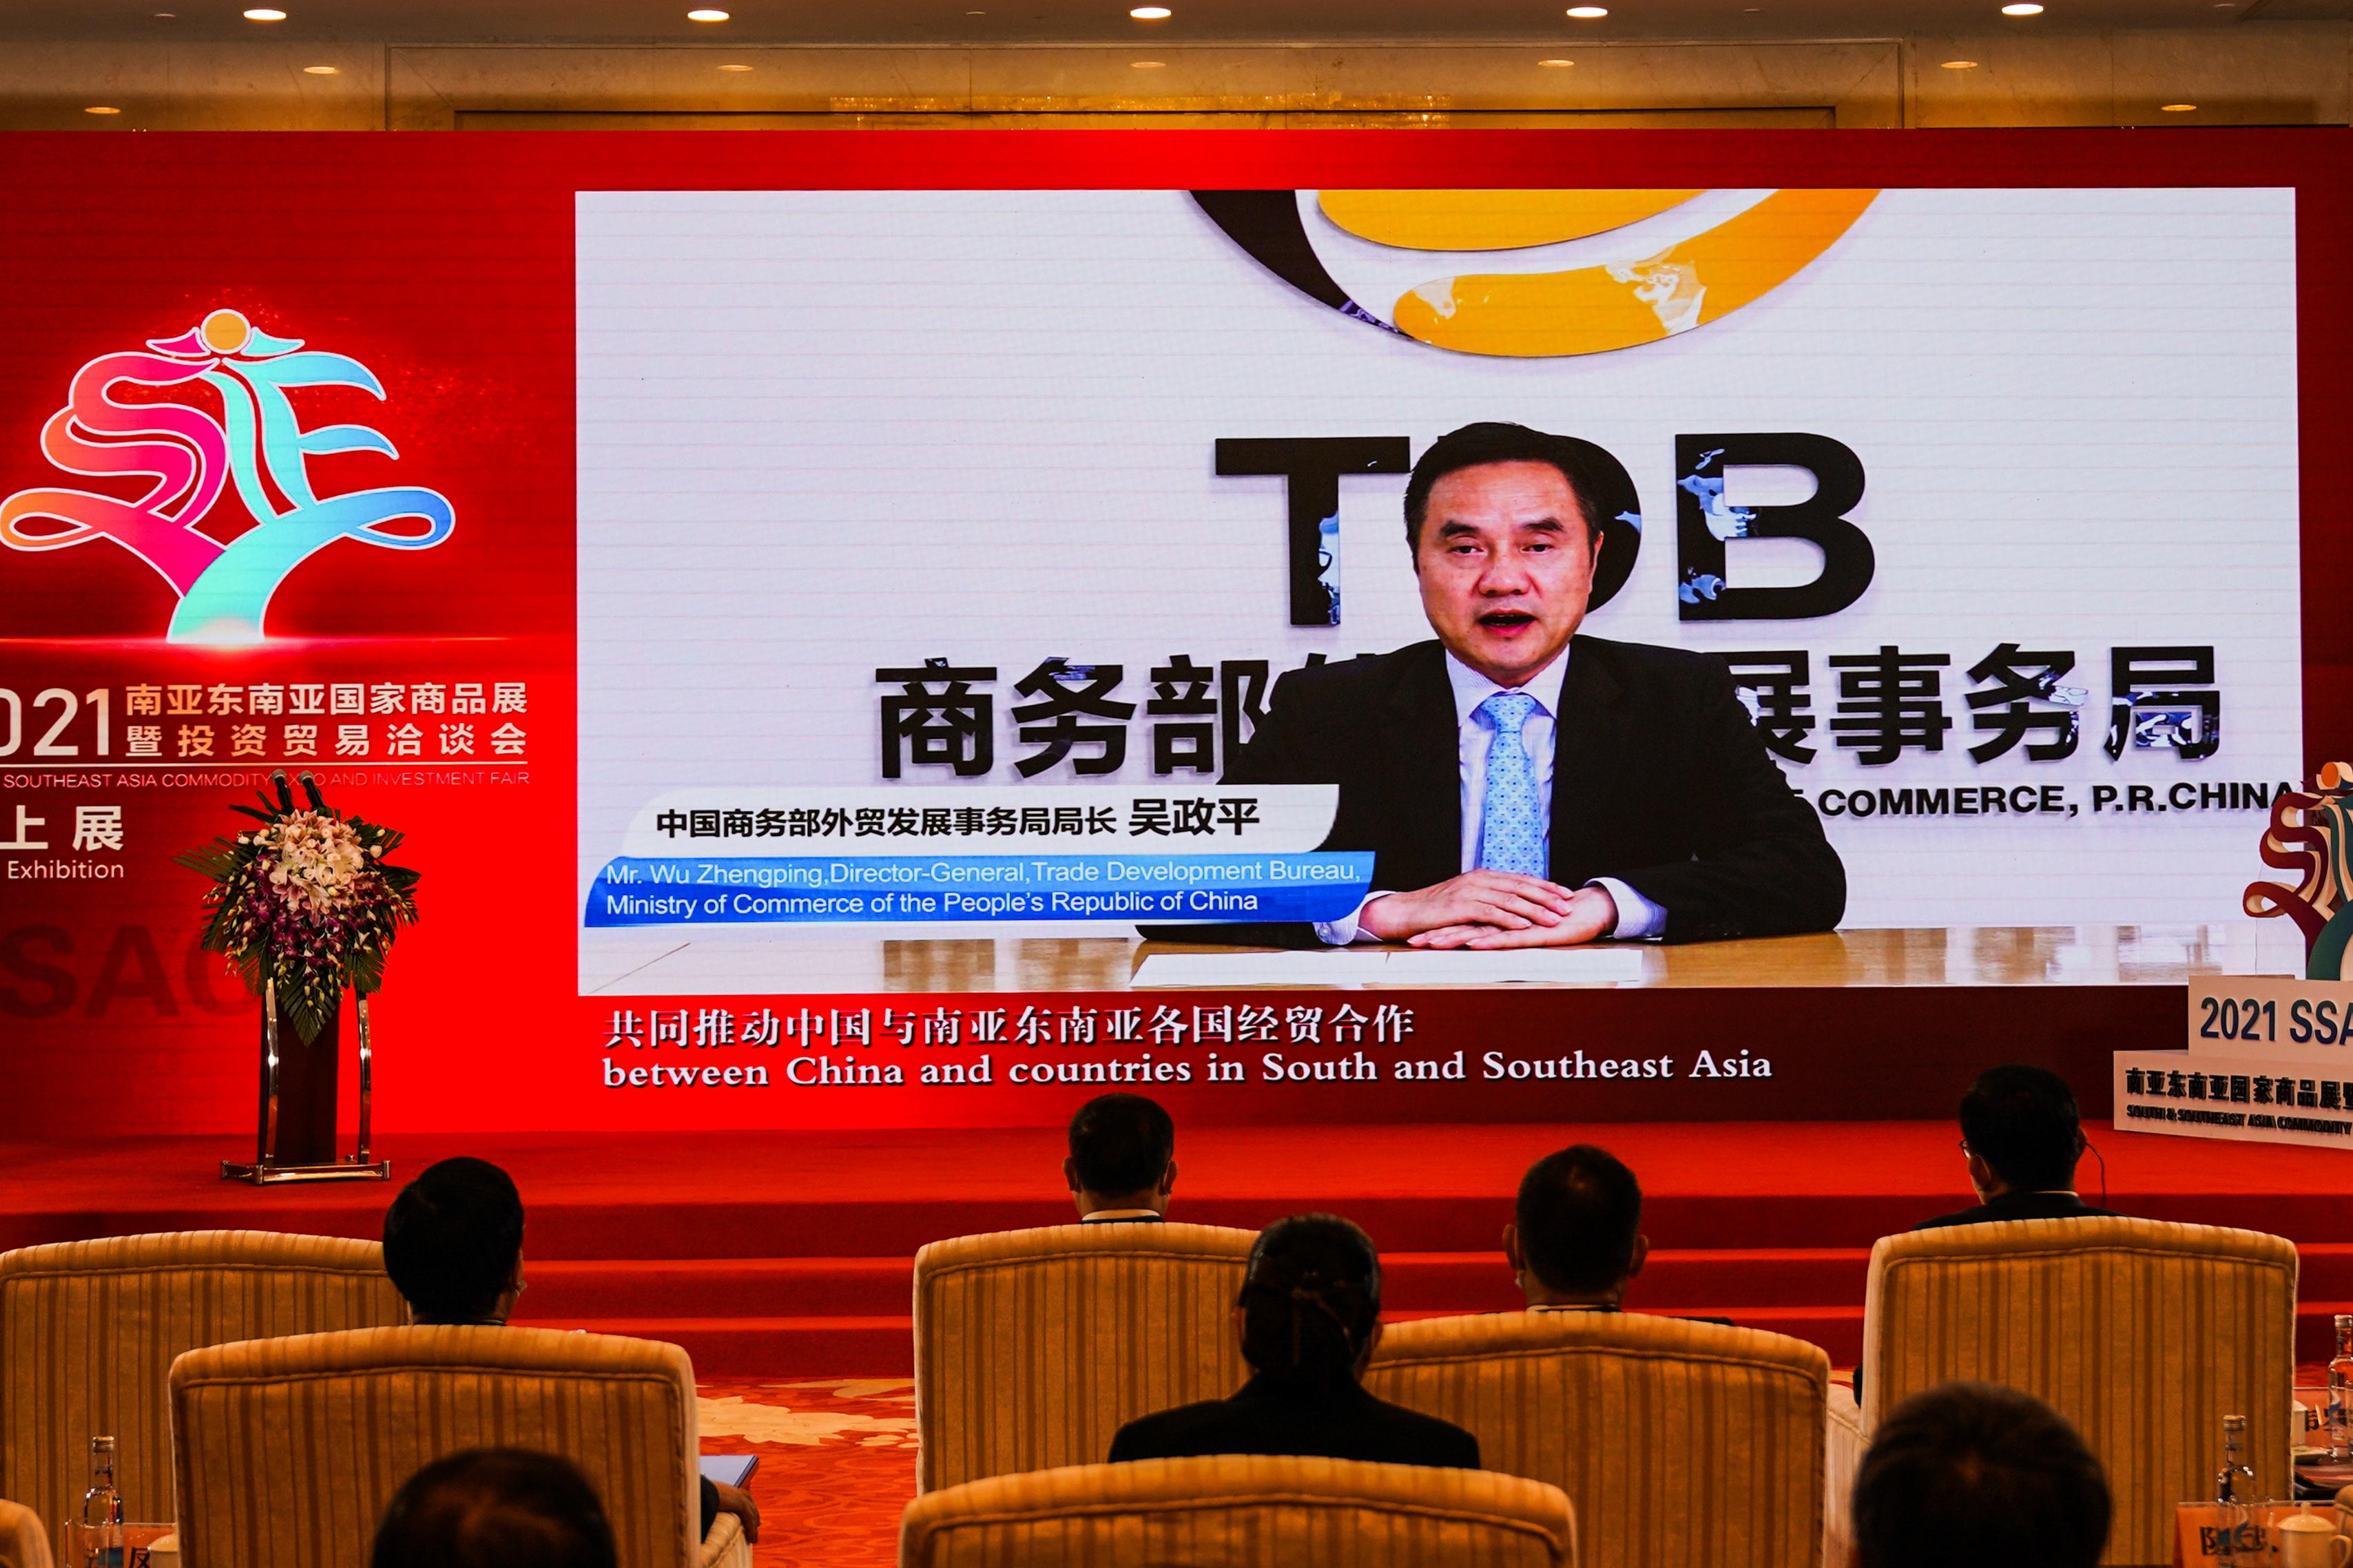 图为中国商务部外贸发展事务局局长吴政平在开幕式上视频连线致辞